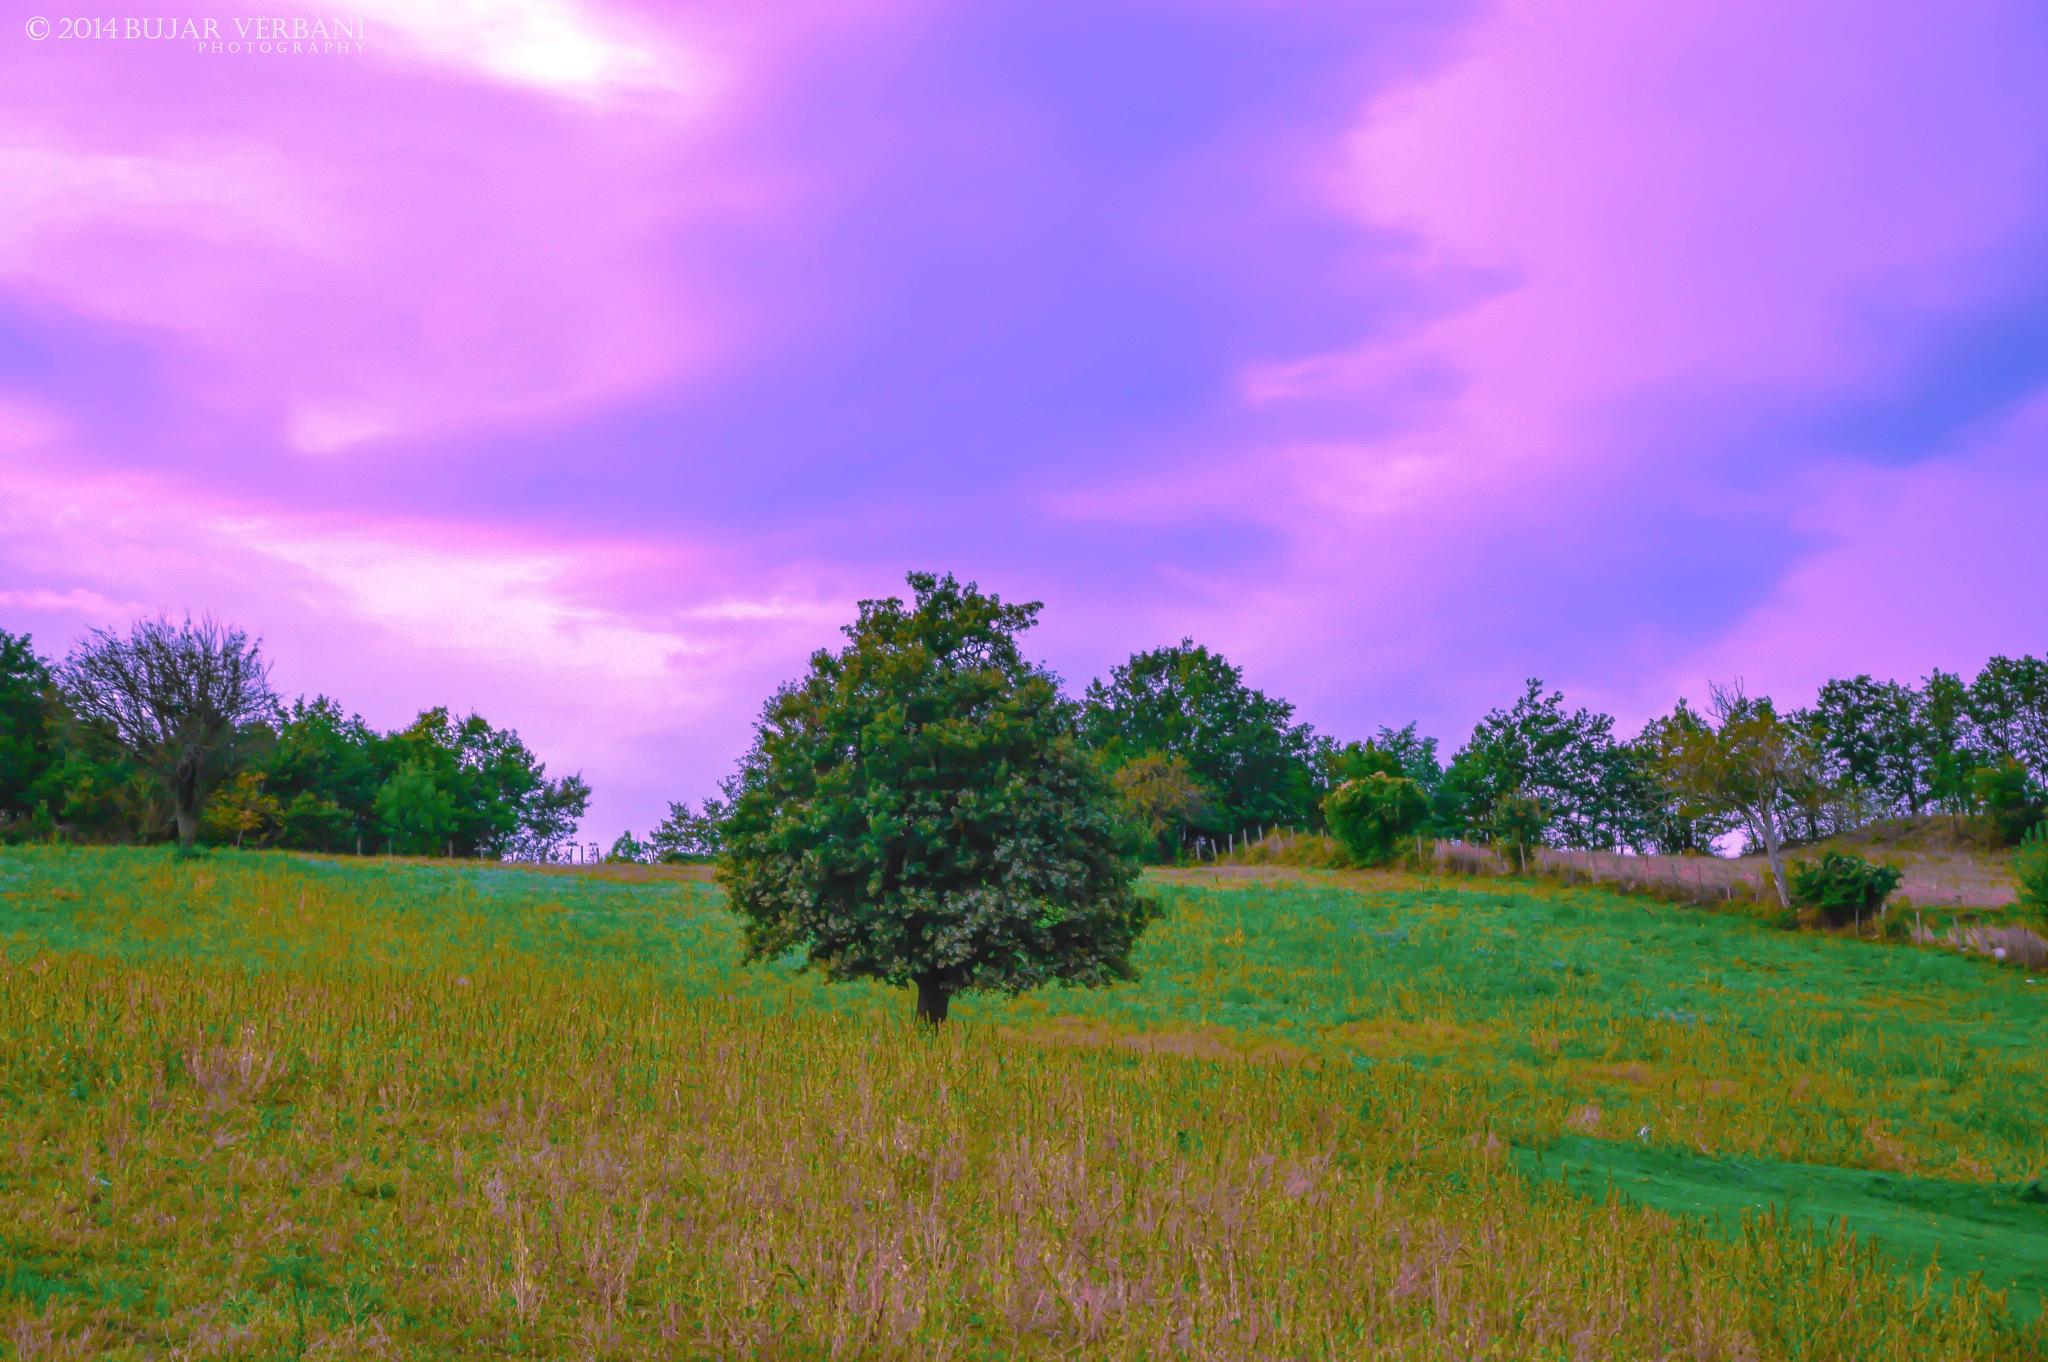 NATURE by Bujar Vërbani